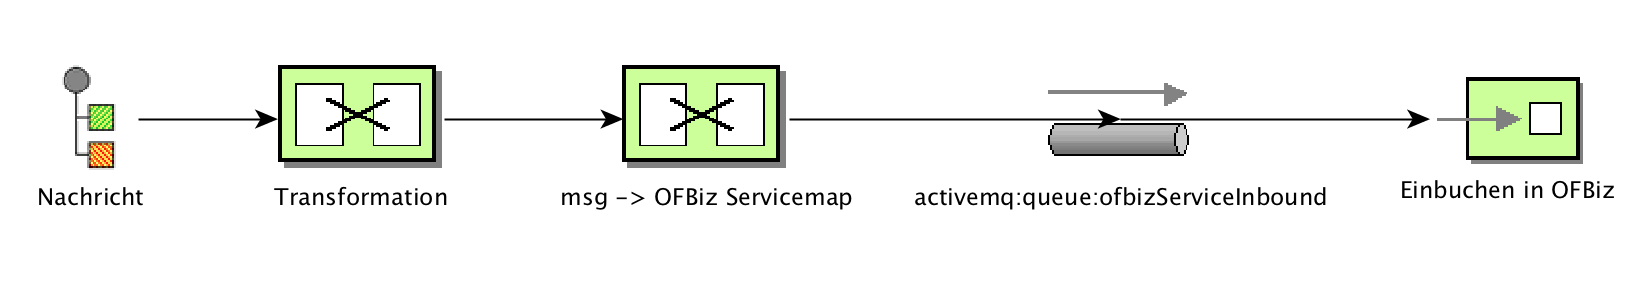 OFBiz ESB Integration Beispiel